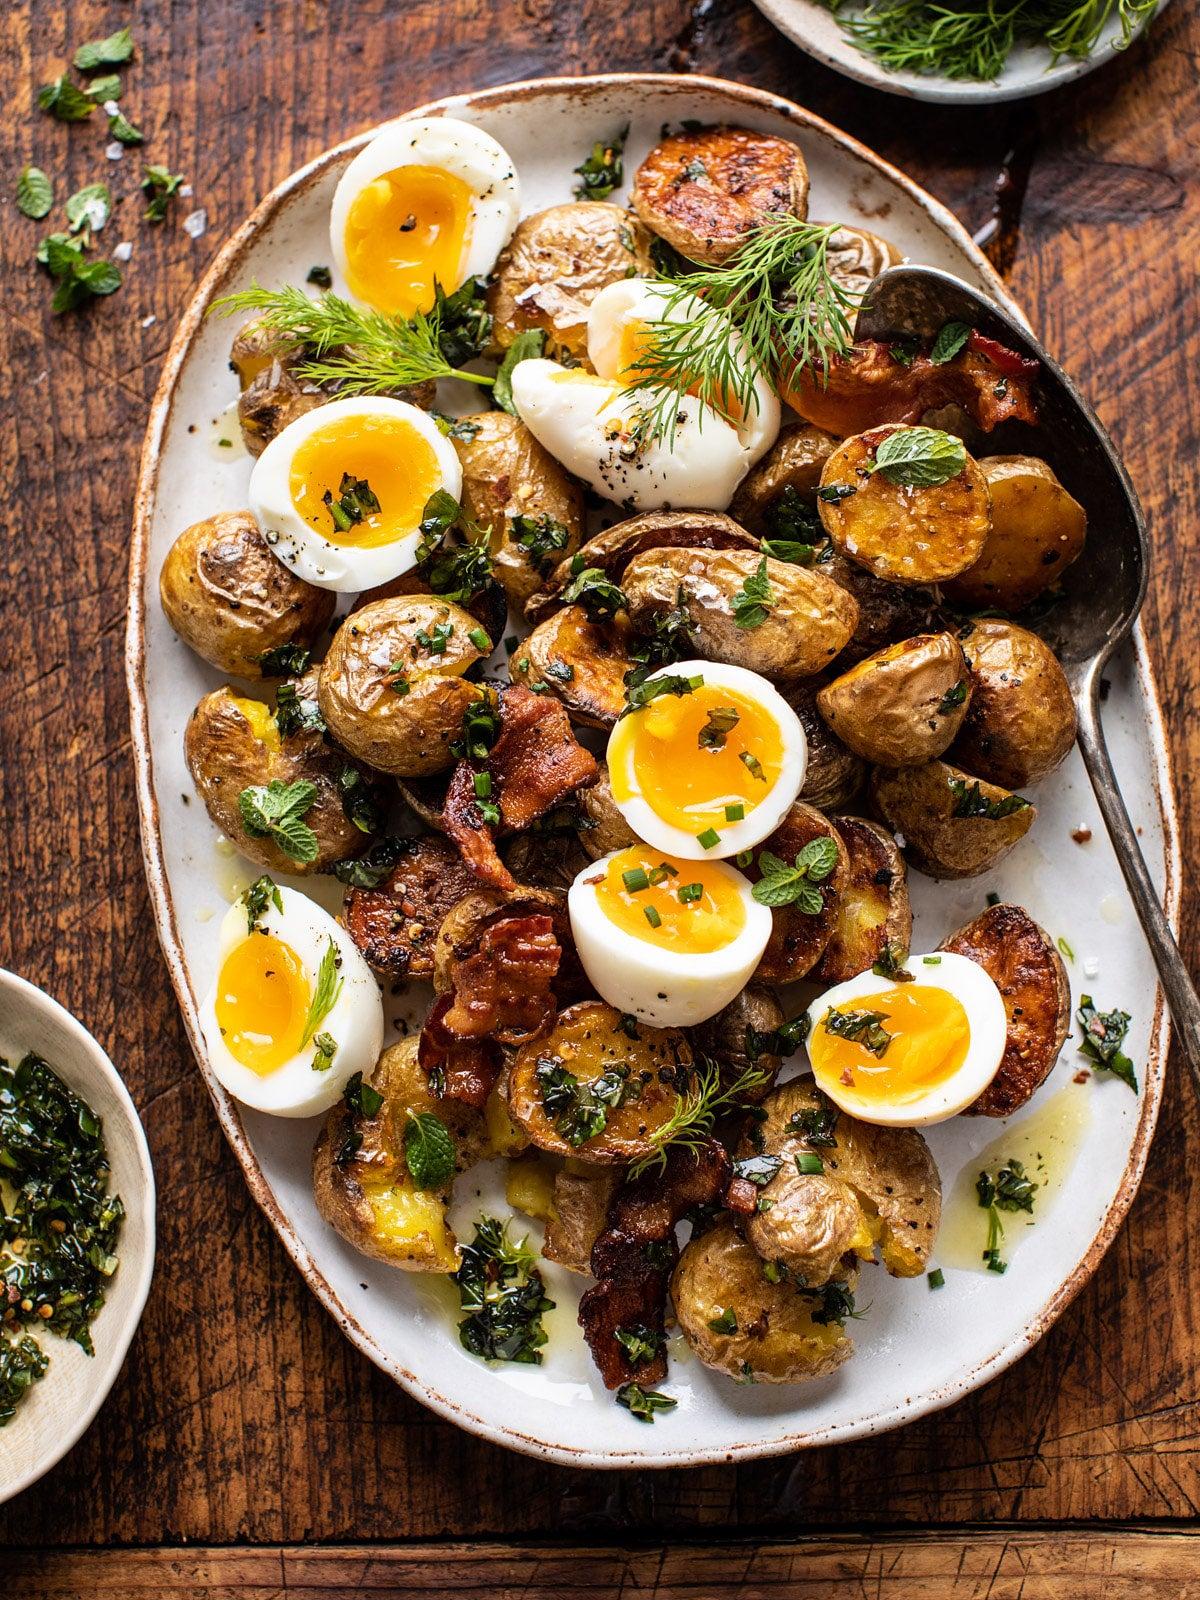 00-FEATURE-winter-brunch-recipes-domino-potatoes-chili-garlic-oil